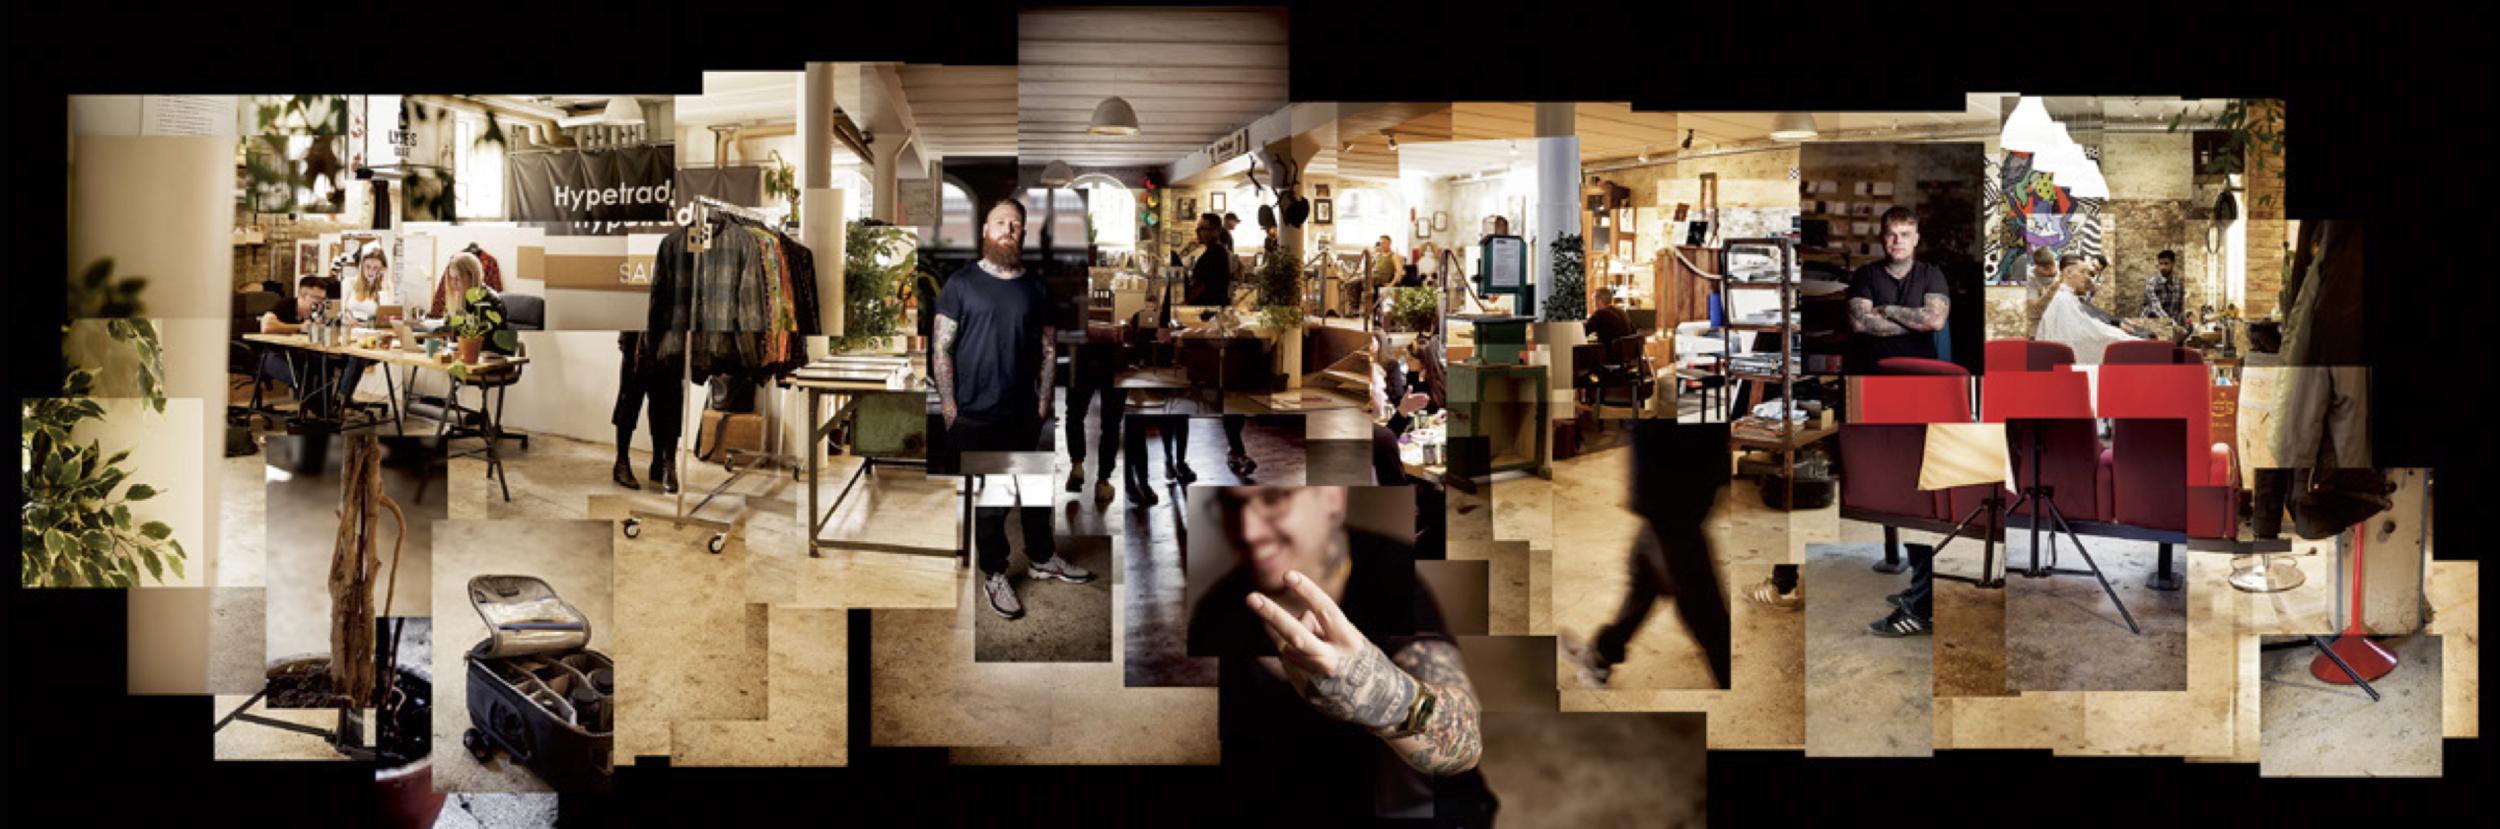 Grisk shop, pop up shop i Aarhus, lej butikslokale i Aarhus